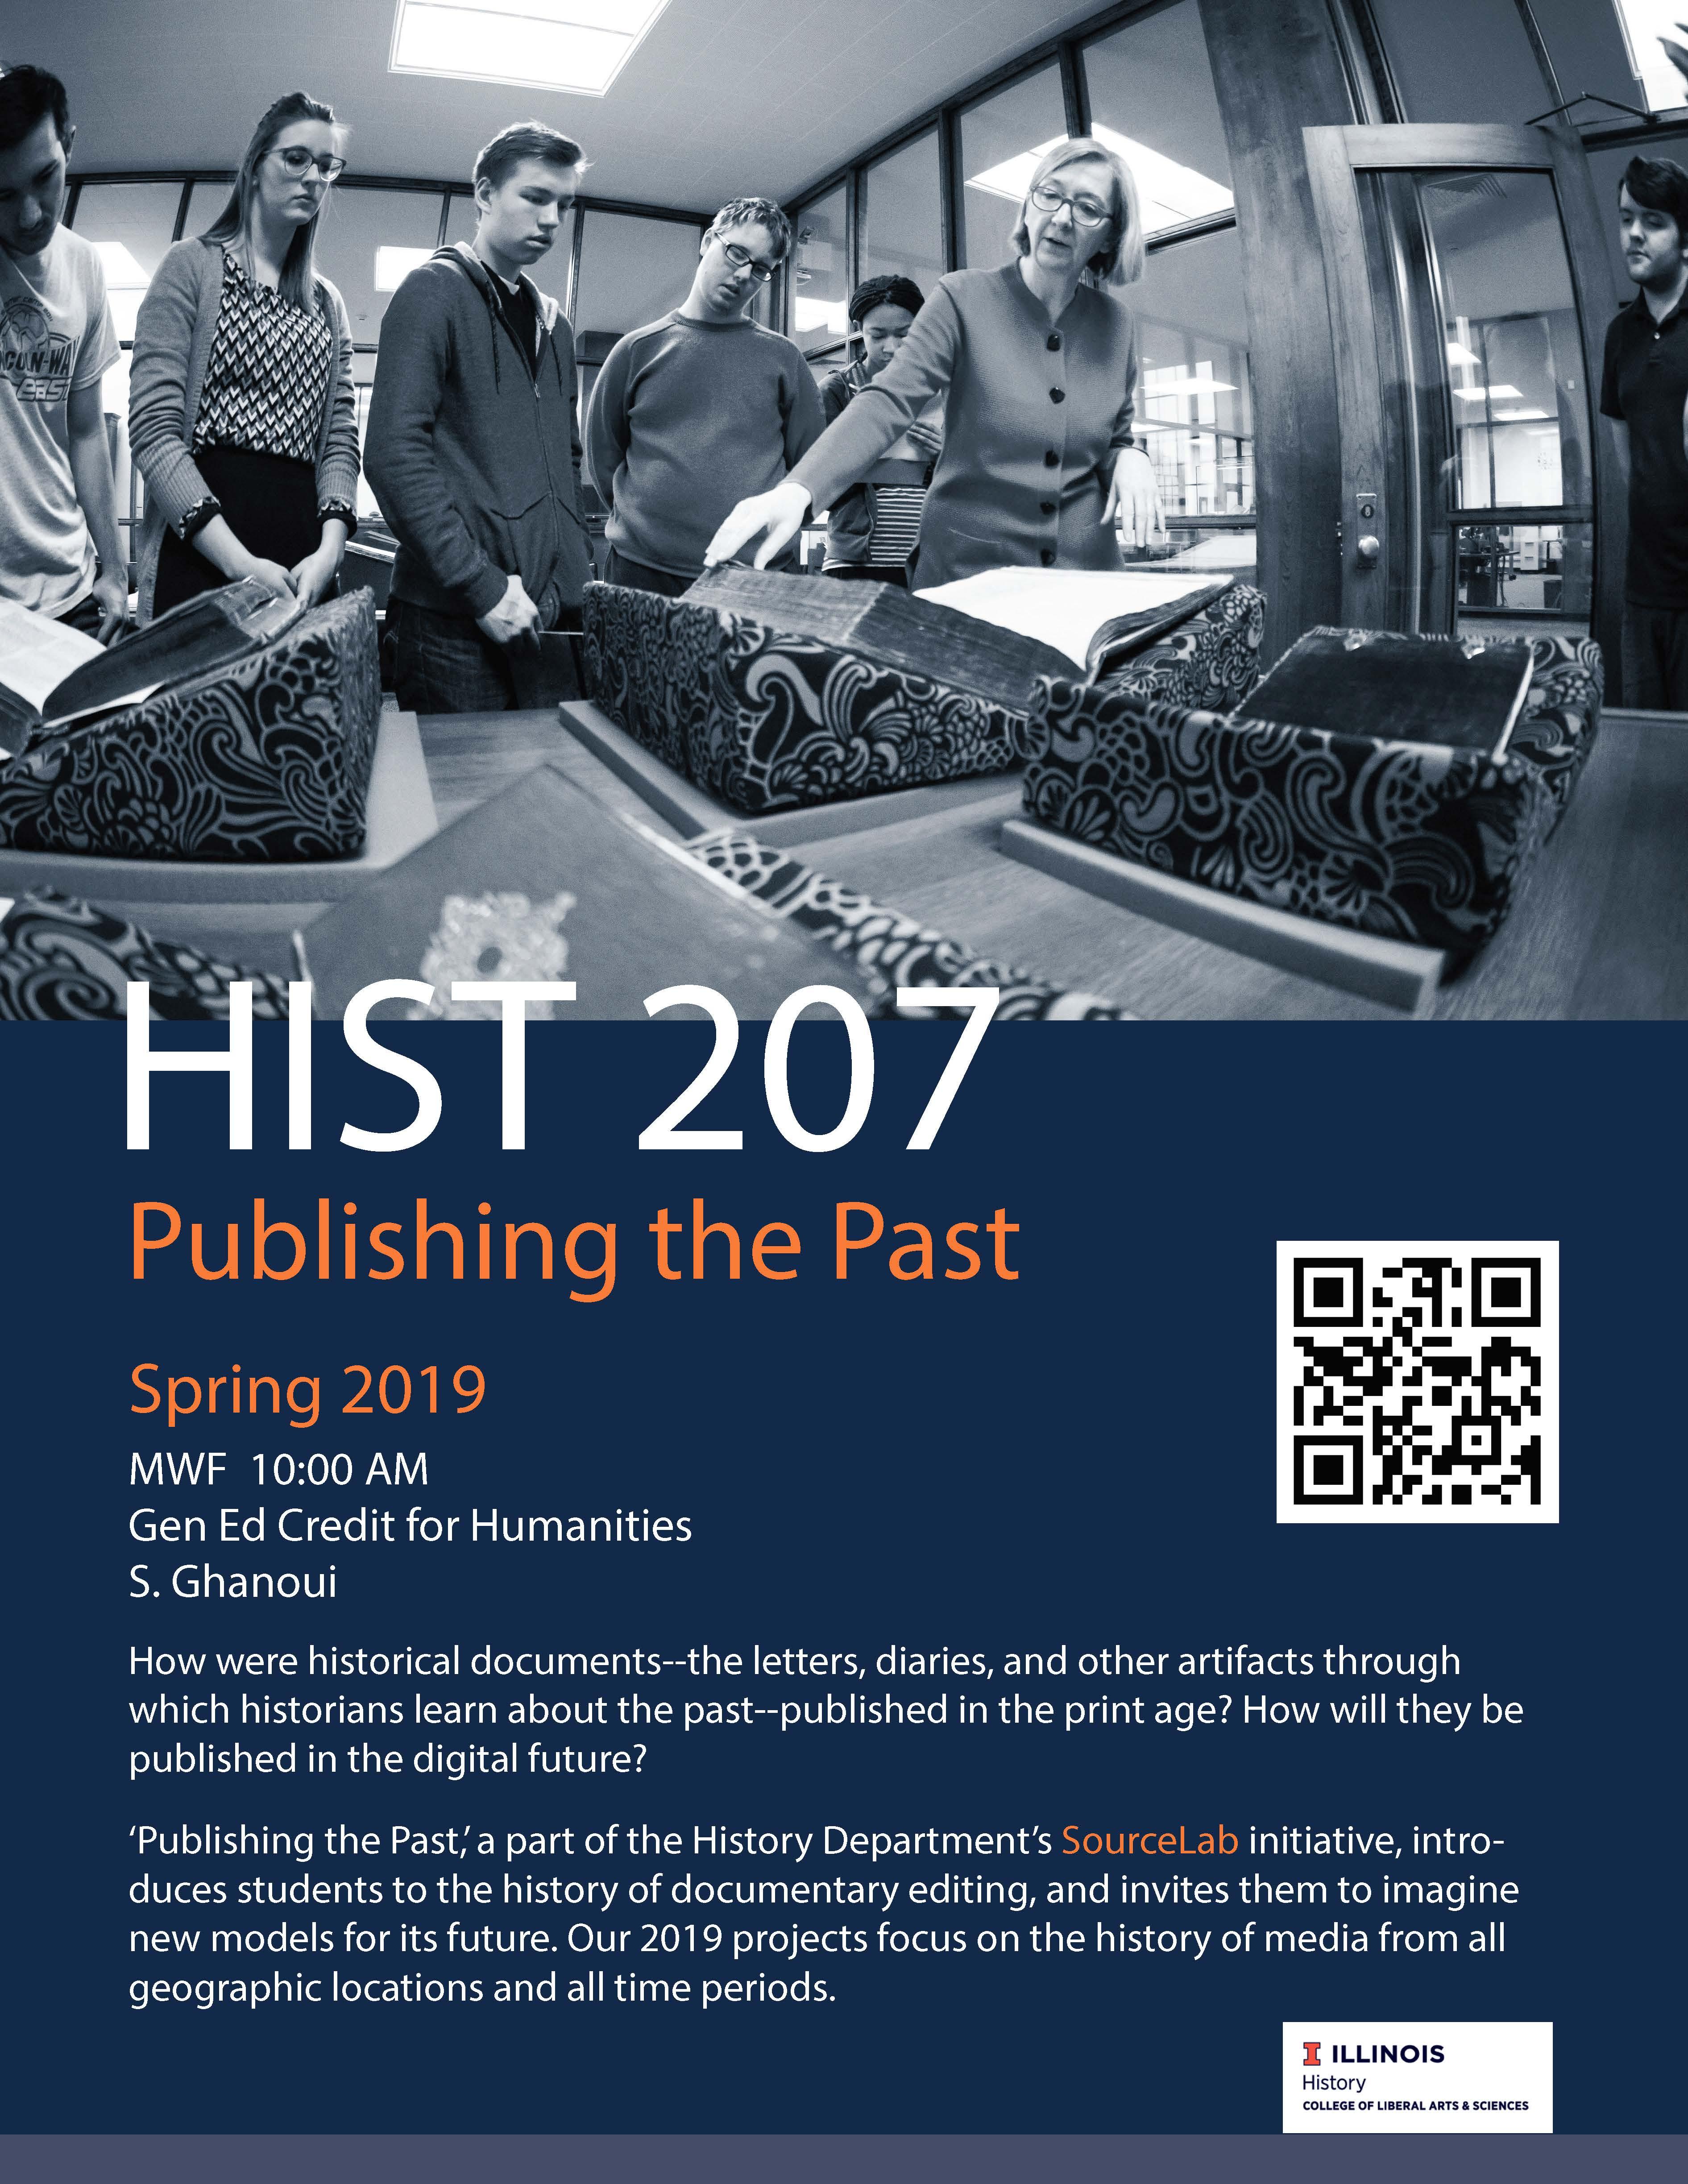 hist 207 course flyer ghanoui